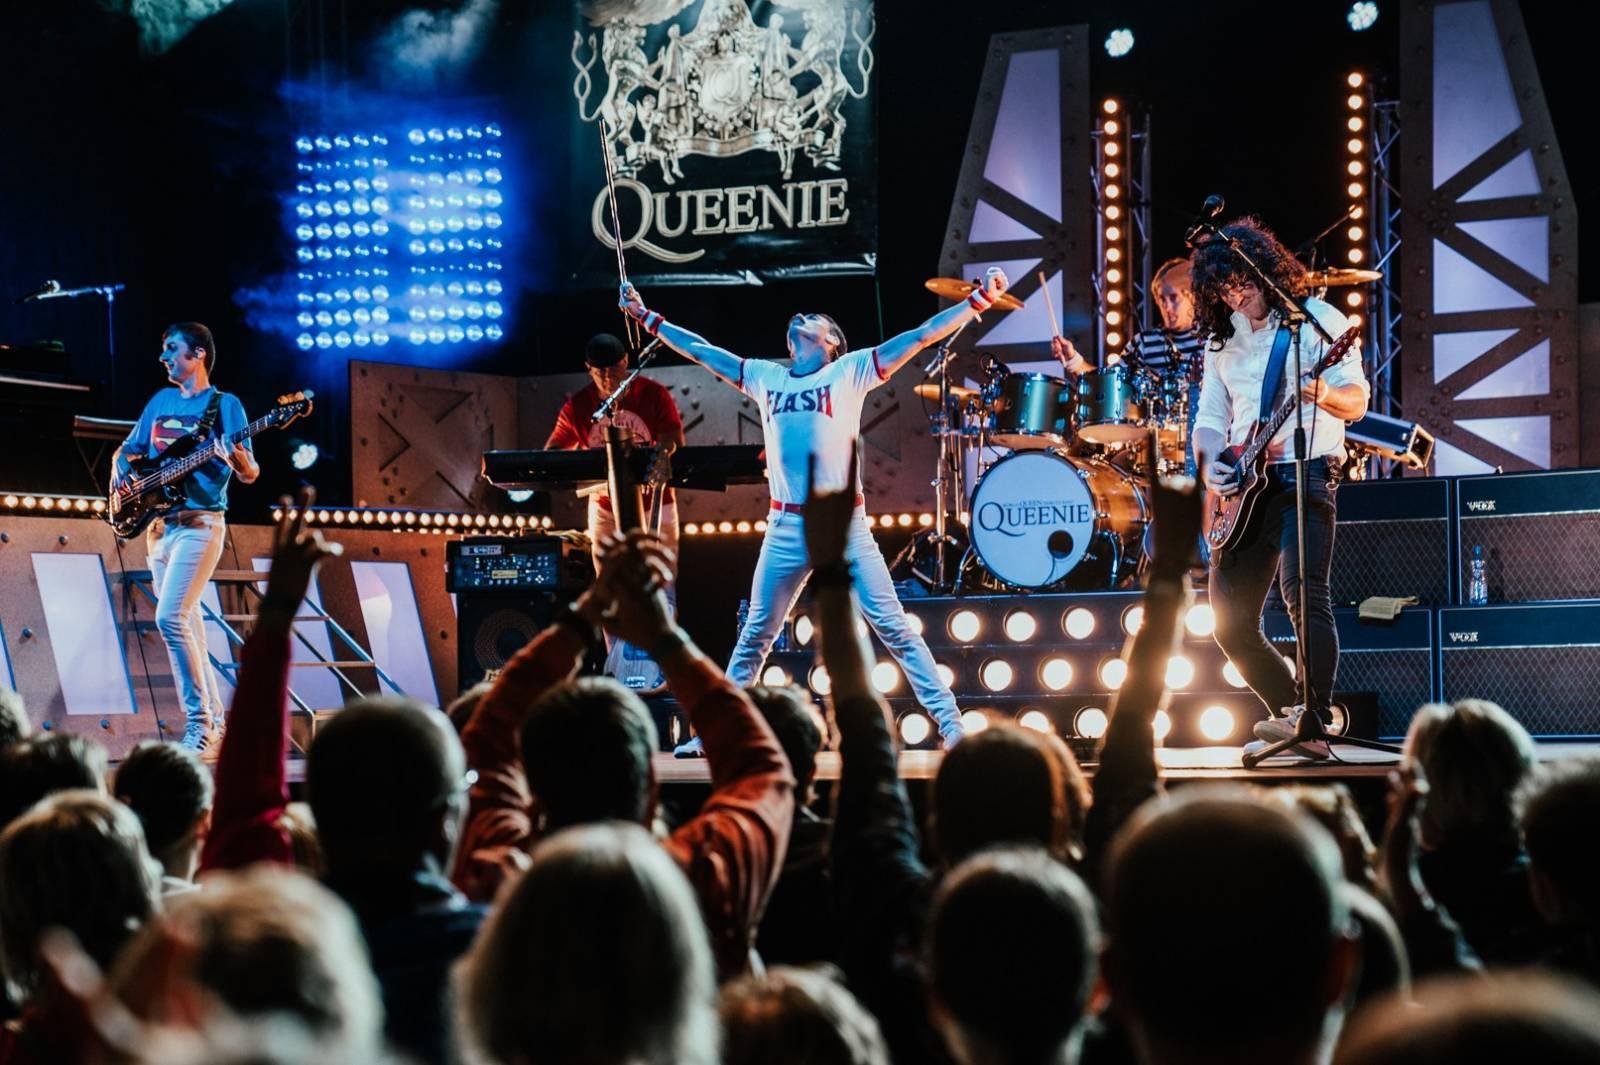 Duben se živou hudbou: streamované koncerty chystají Jelen, Queenie, Gaia Mesiah nebo Mňága a Žďorp